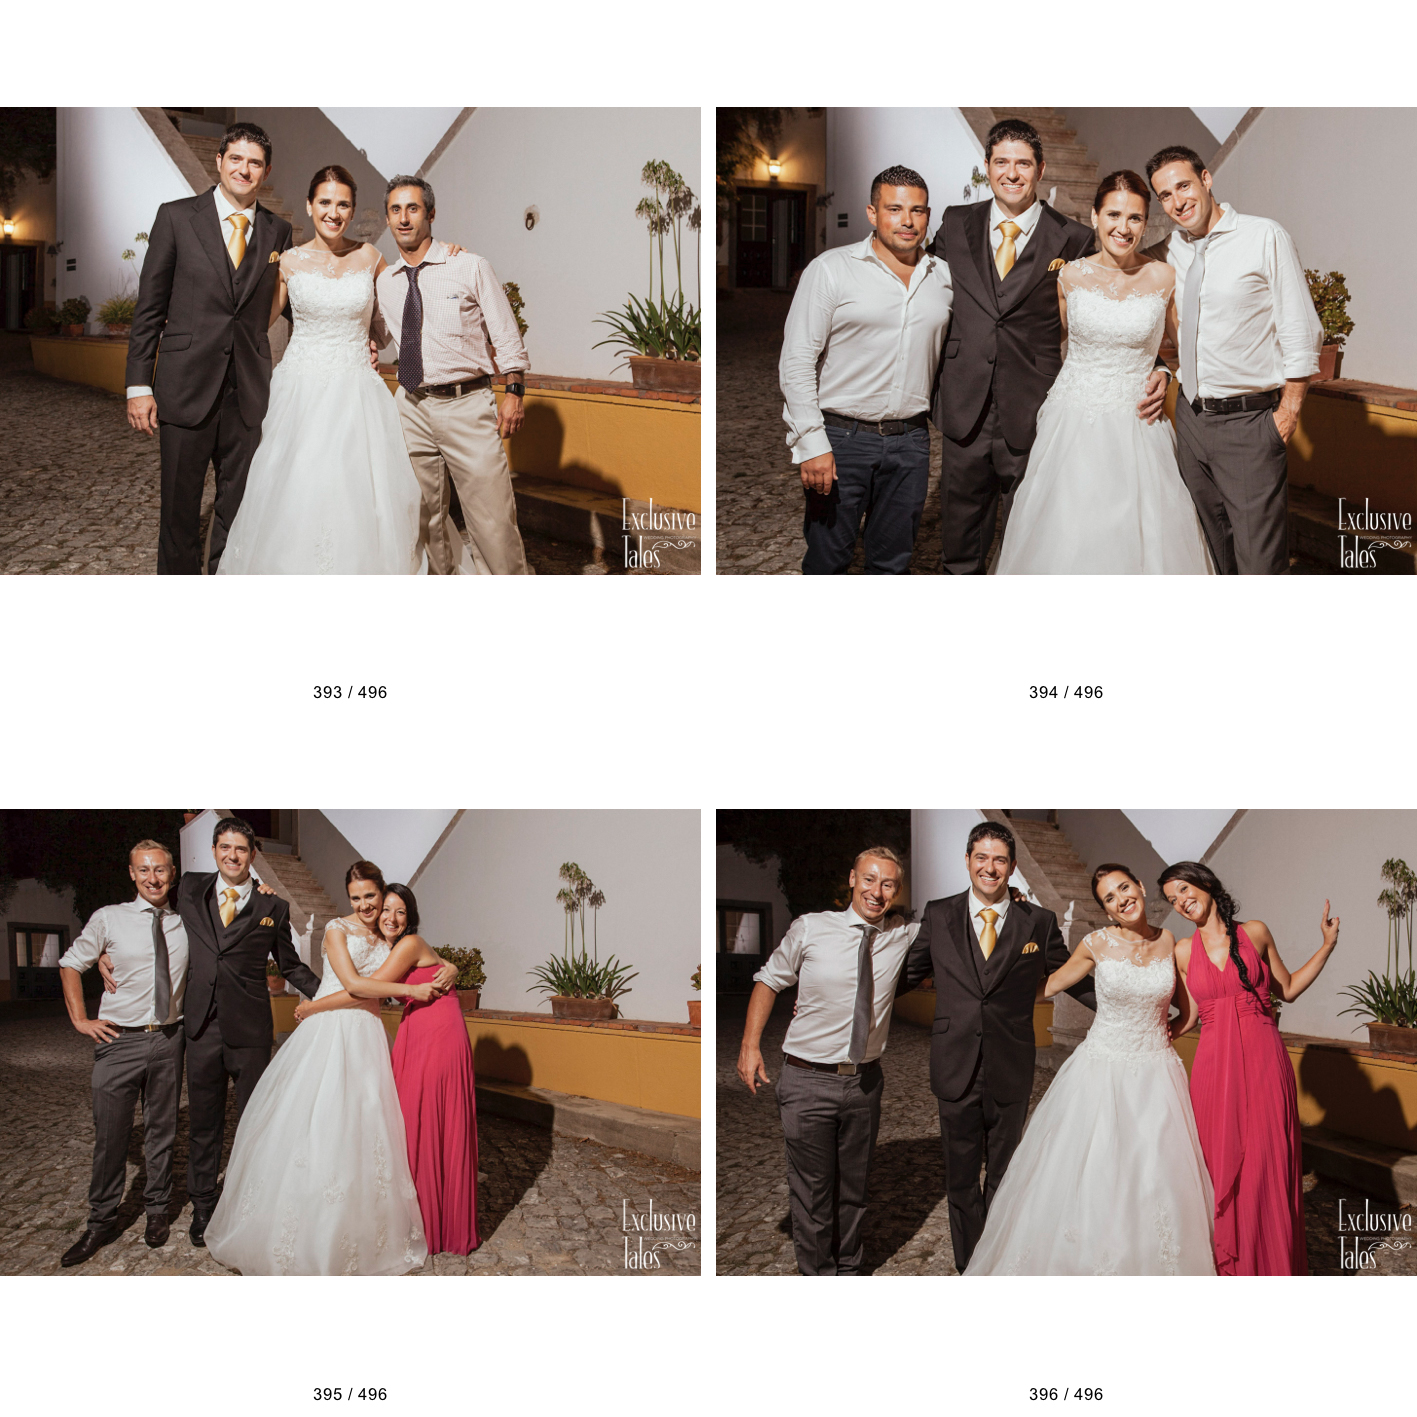 RiMa_webgallery-099.jpg